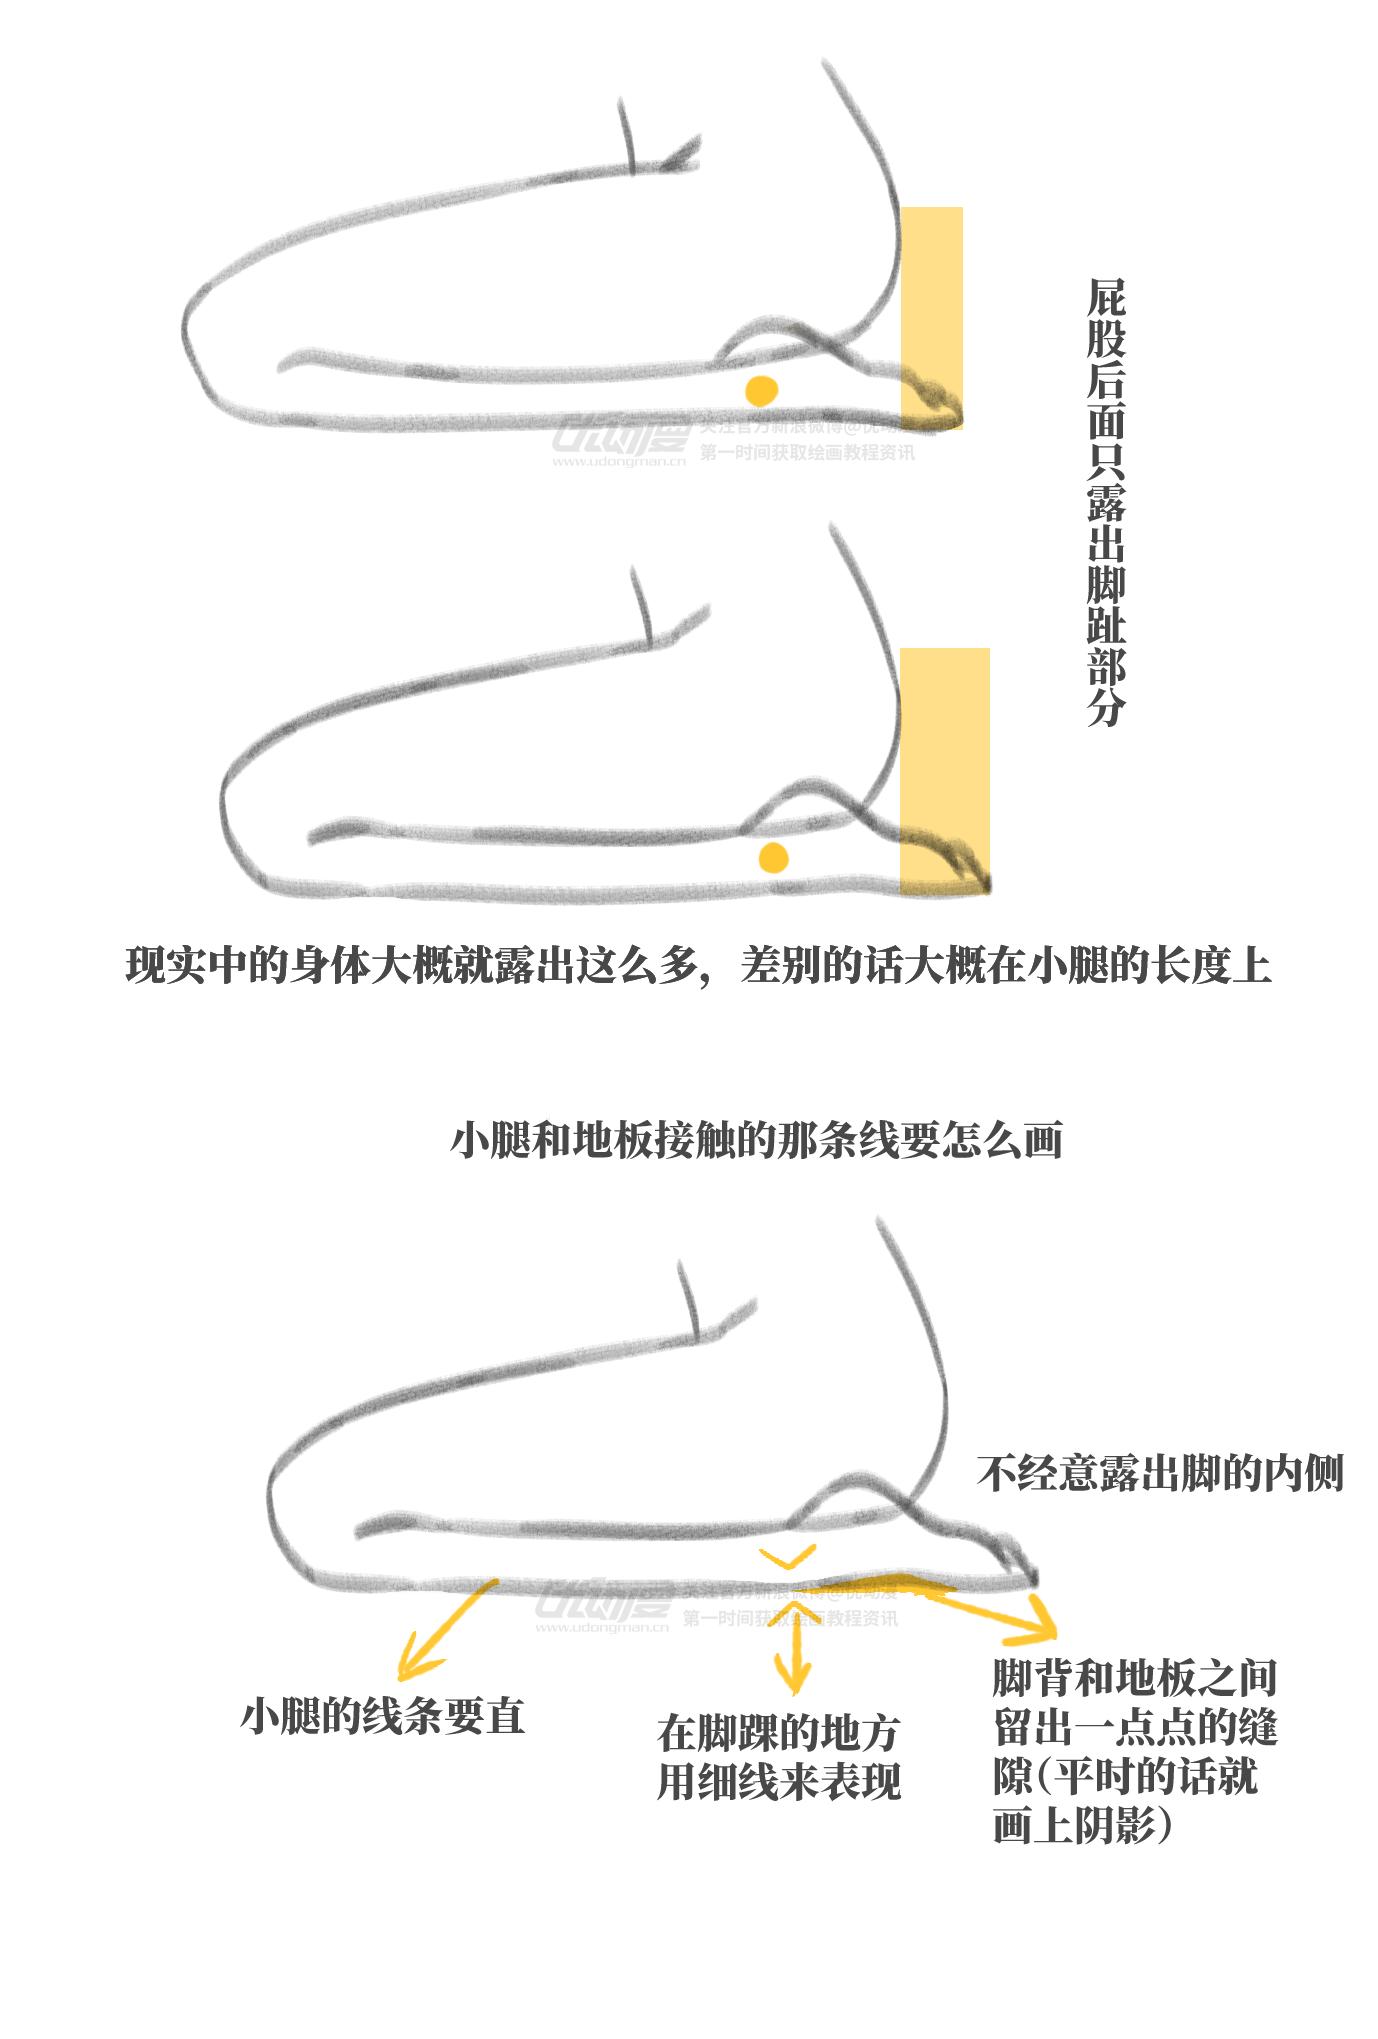 正坐时腿的画法4.png